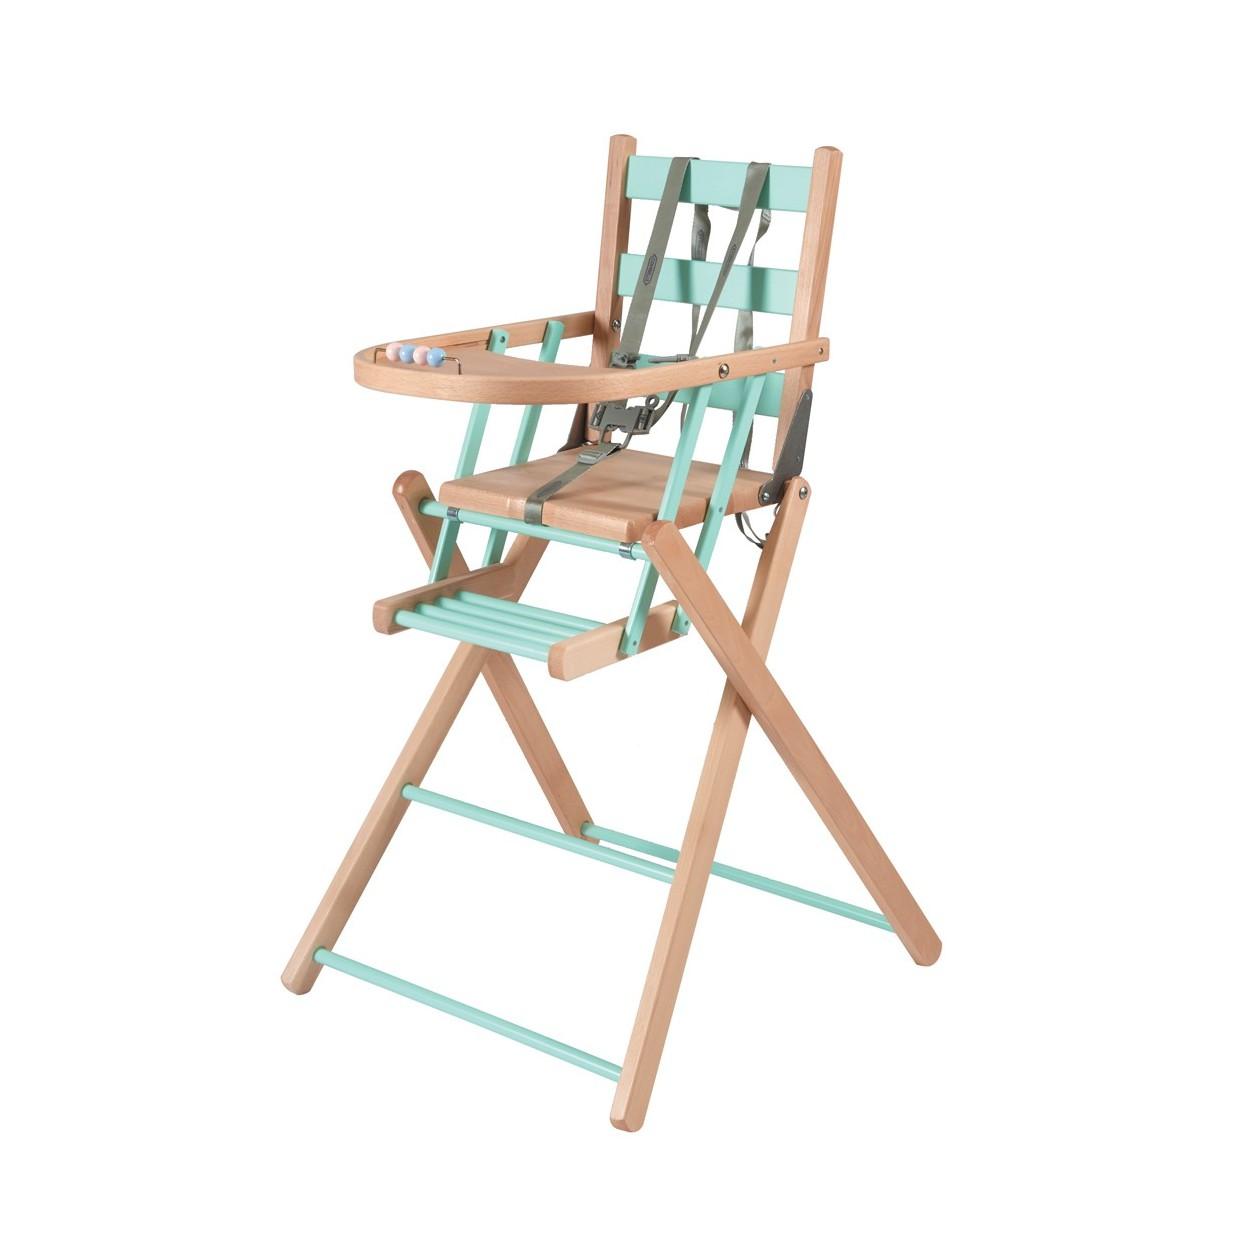 Chaise haute bébé pliante en bois  bicolore vert menthe - 57x95 cm